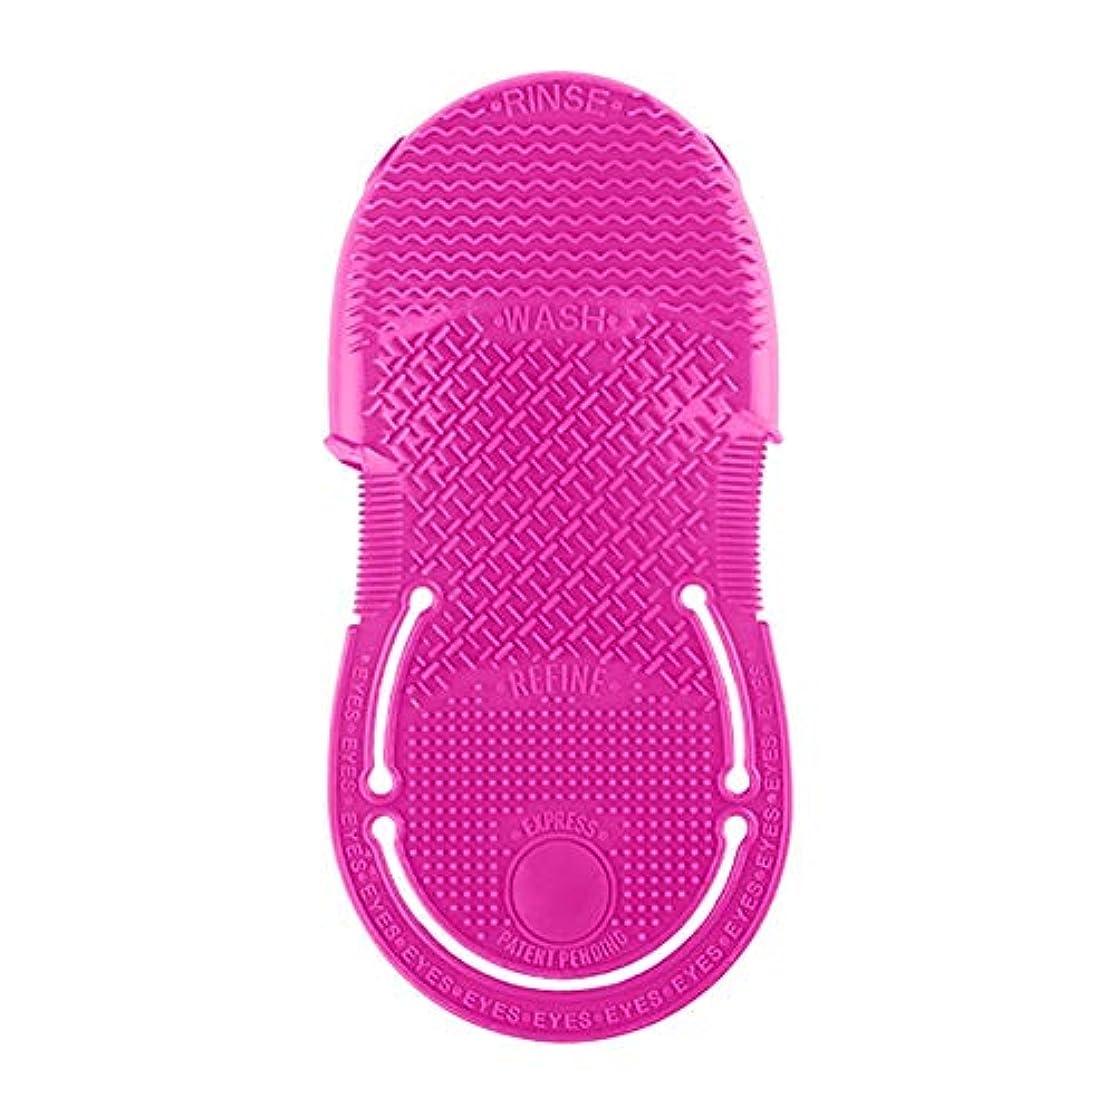 湿った子羊病気AIMERKUP 掃除用メイクアップ洗浄ブラシ、シリカ手袋スクラバーボード化粧品クリーンツール consistent